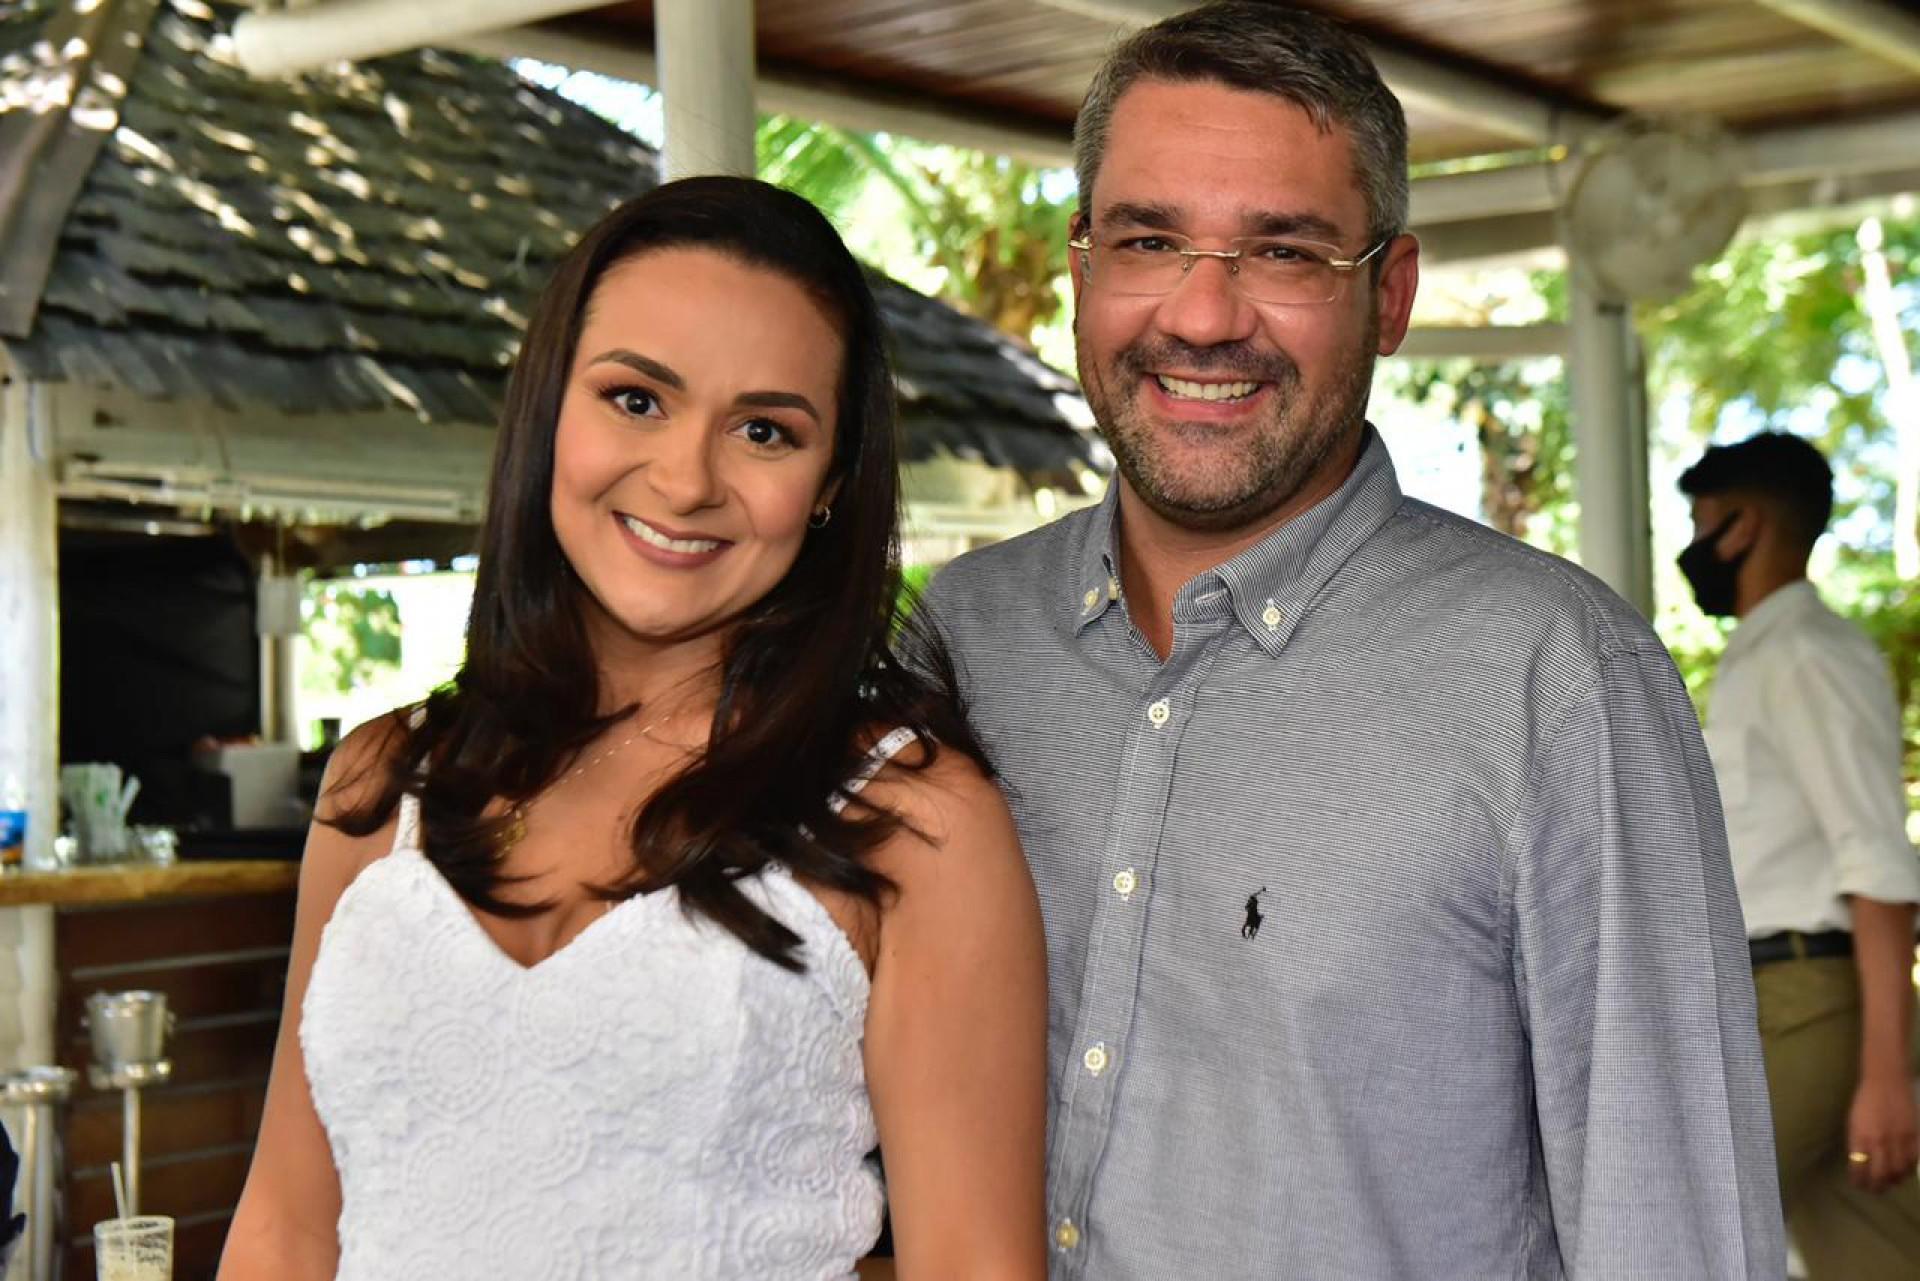 Presidente da Caixa de Assistência dos Advogados do Ceará (CAACE), Sávio Aguiar, especialista em Direito do Consumidor, quando do seu aniversário, último dia 16, comemorado com a esposa Débora e amigos